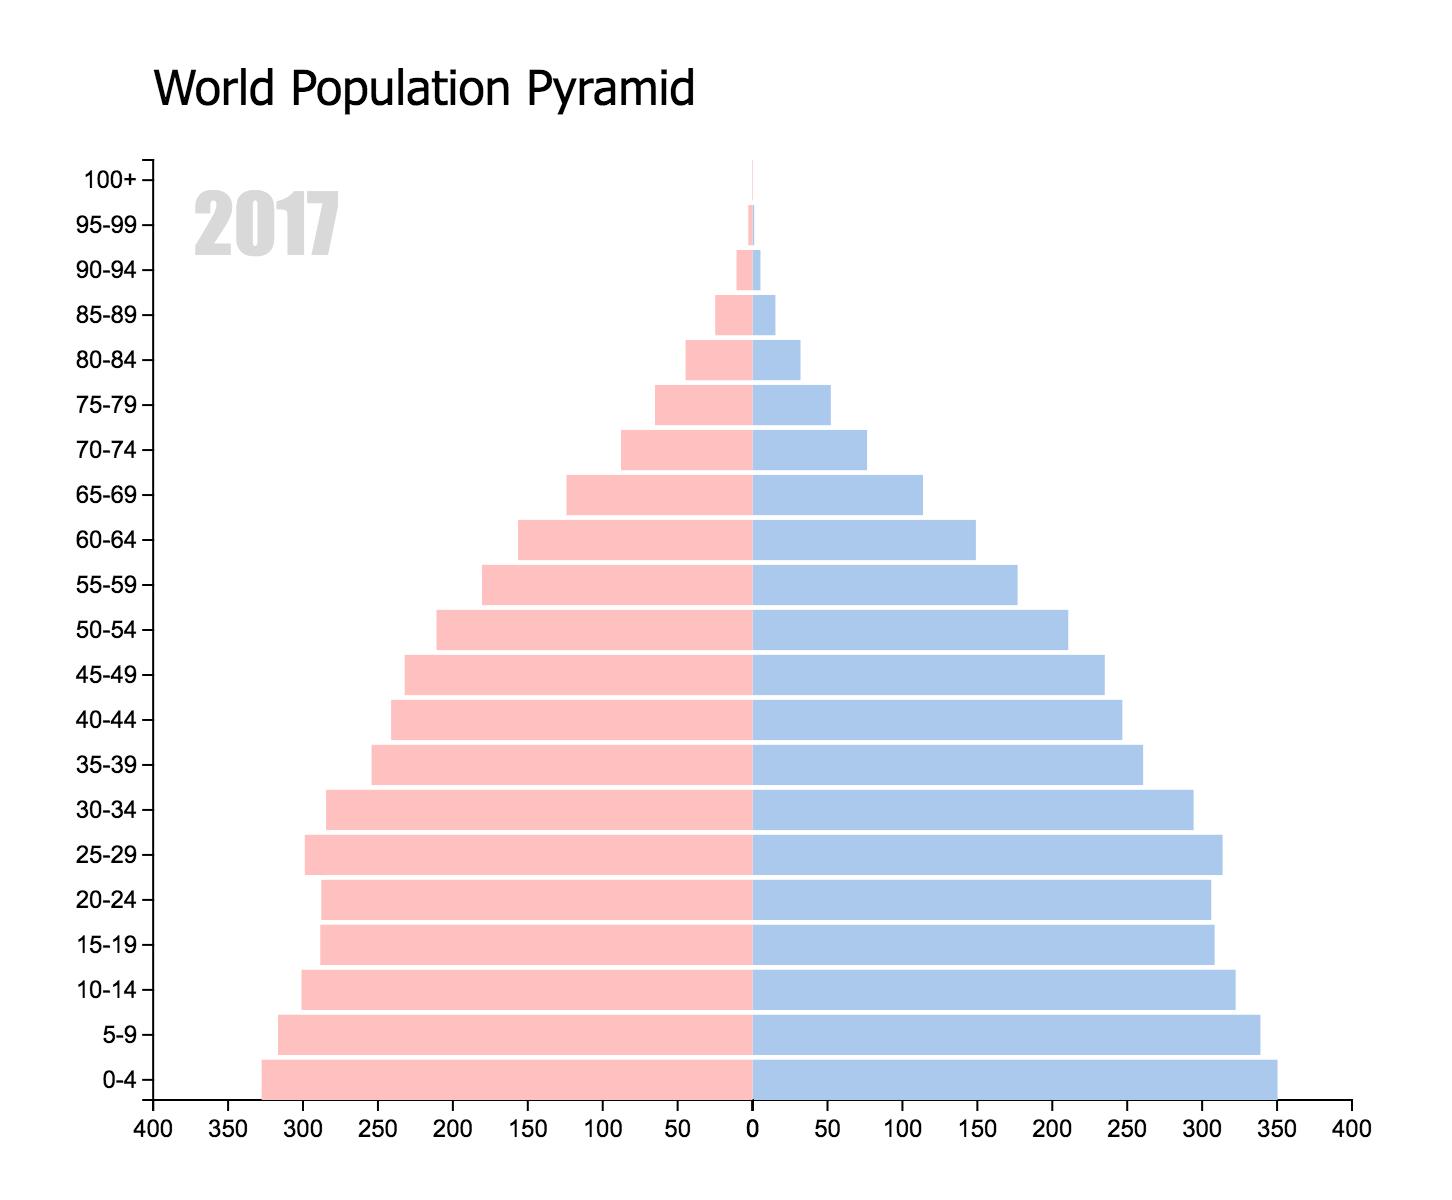 World Population Pyramid of 2017